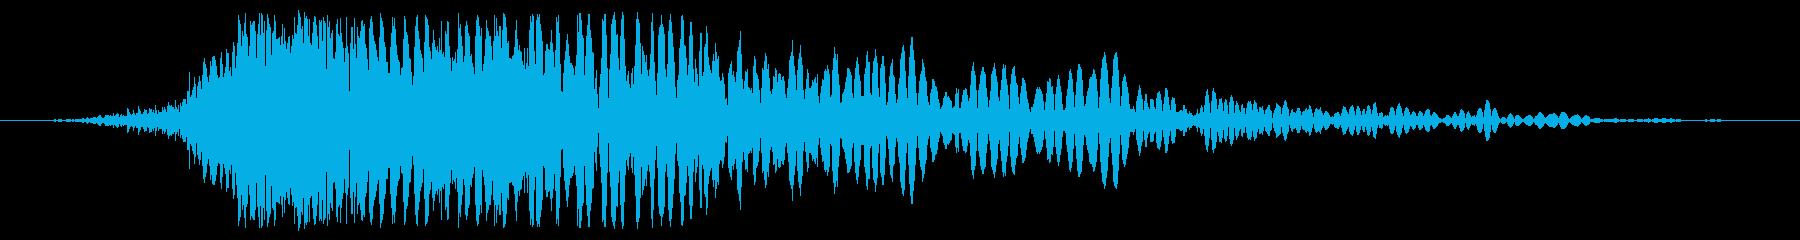 急速に爆発する流星の地面への衝撃の再生済みの波形